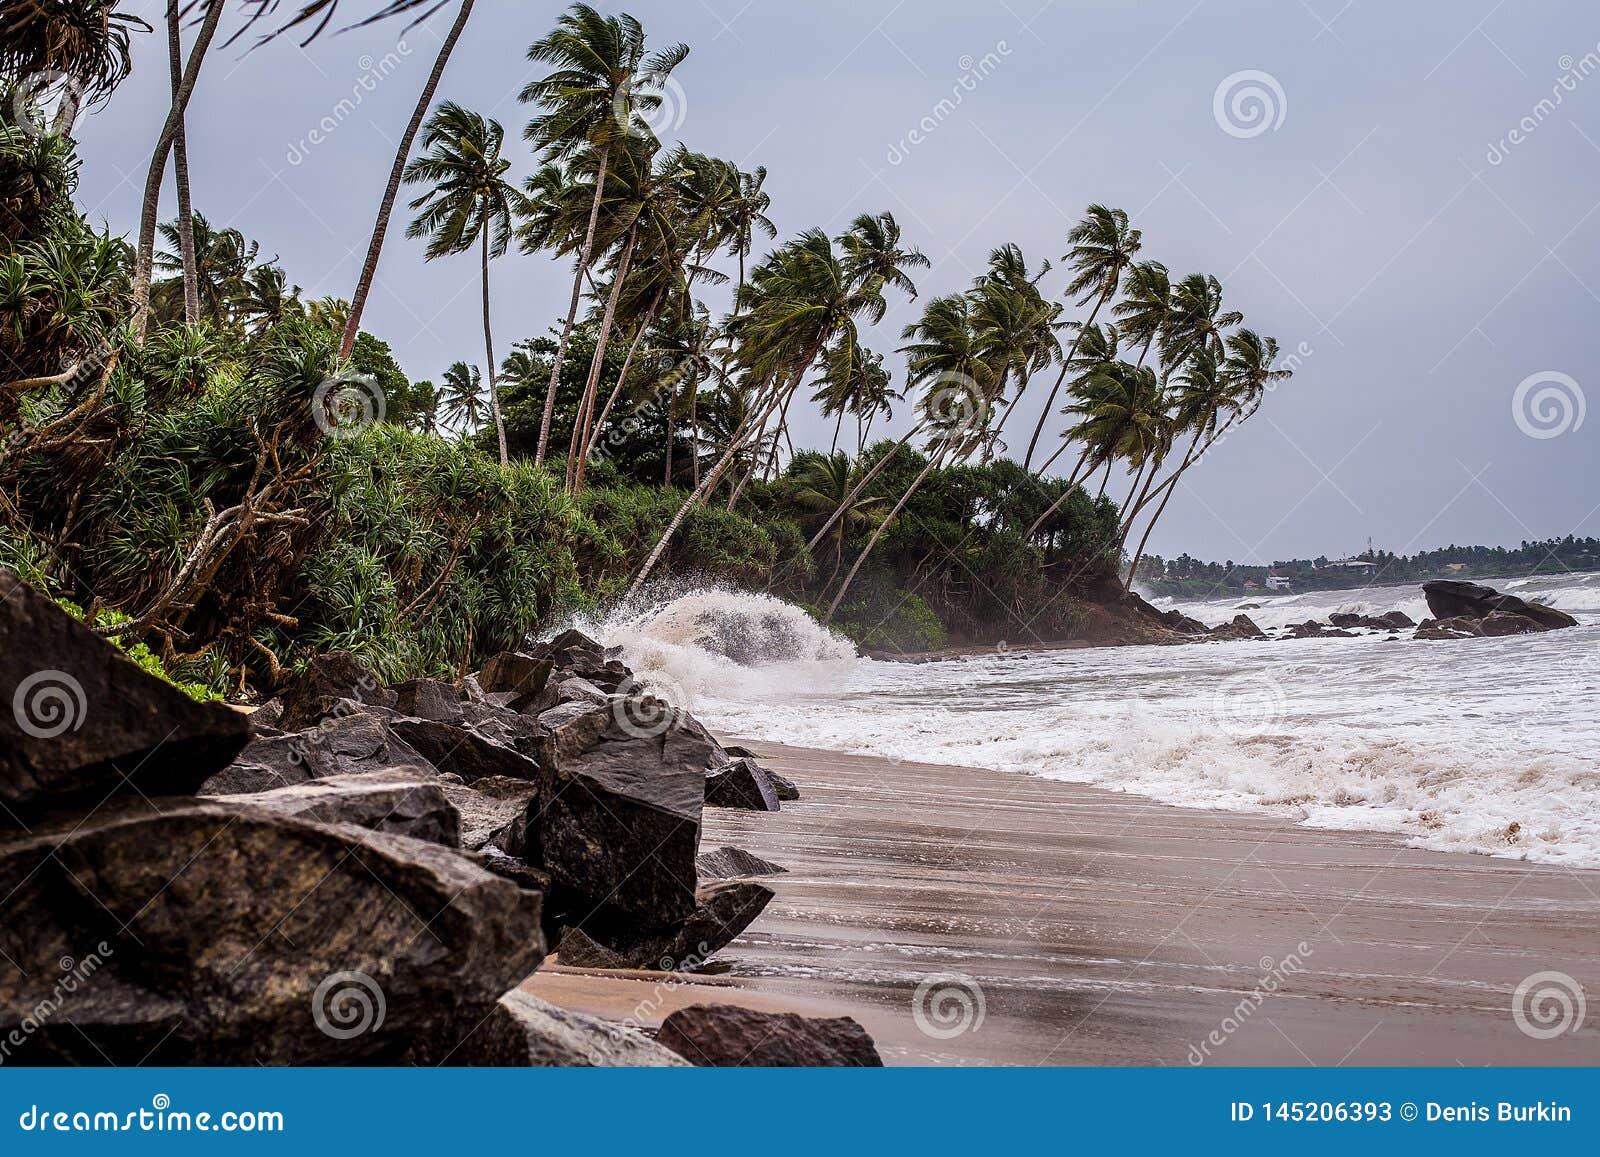 在斯里兰卡的多岩石的海滩的一场小风暴 在狂放的海滩的波浪 印度洋的棕榈树丛